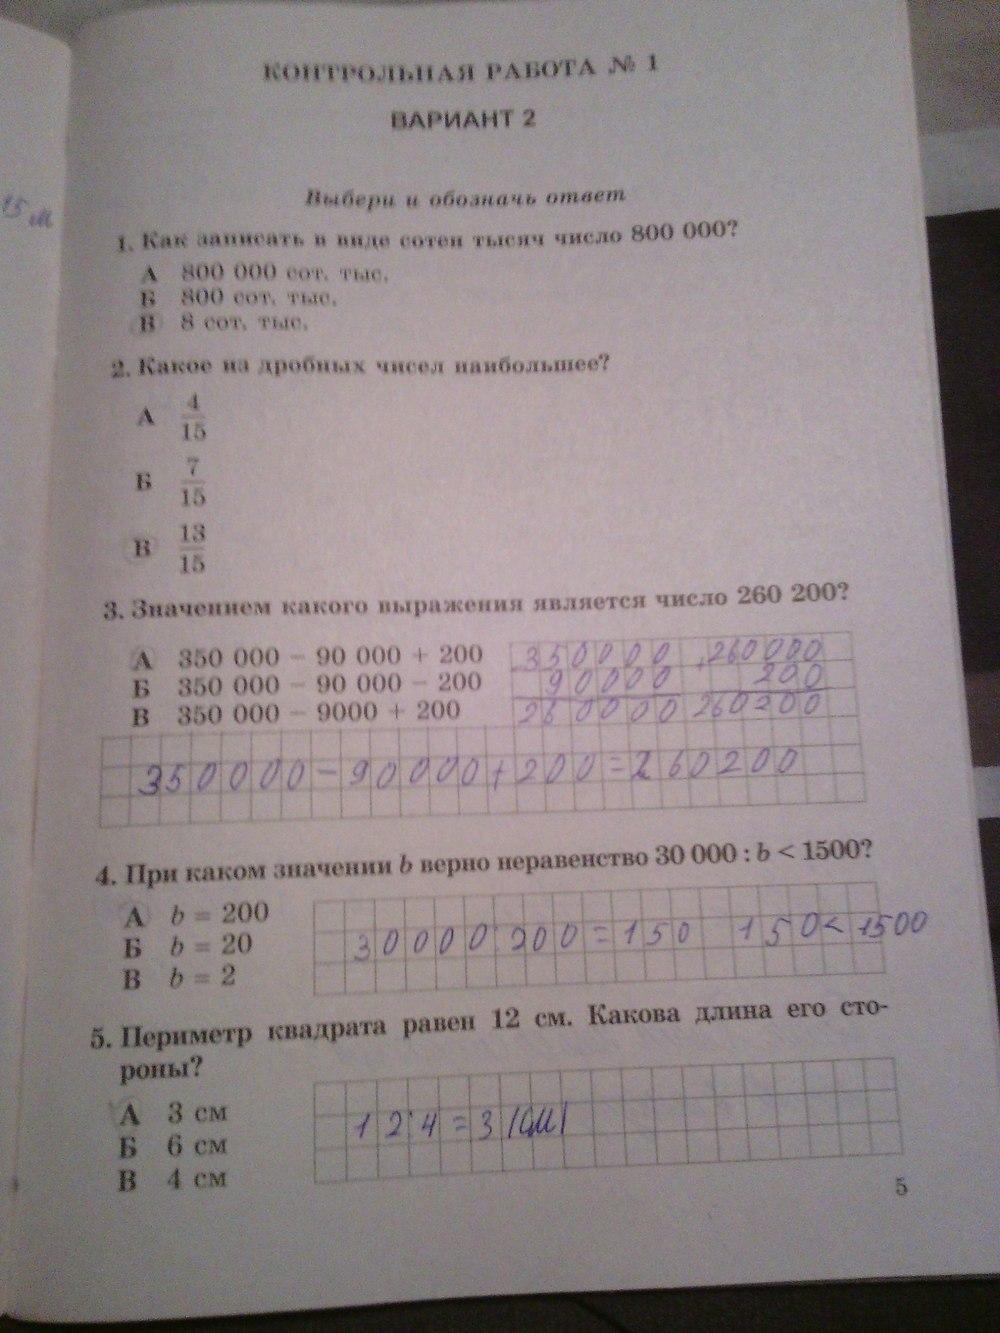 ГДЗ по математике 4 класс. Задание: стр. 5